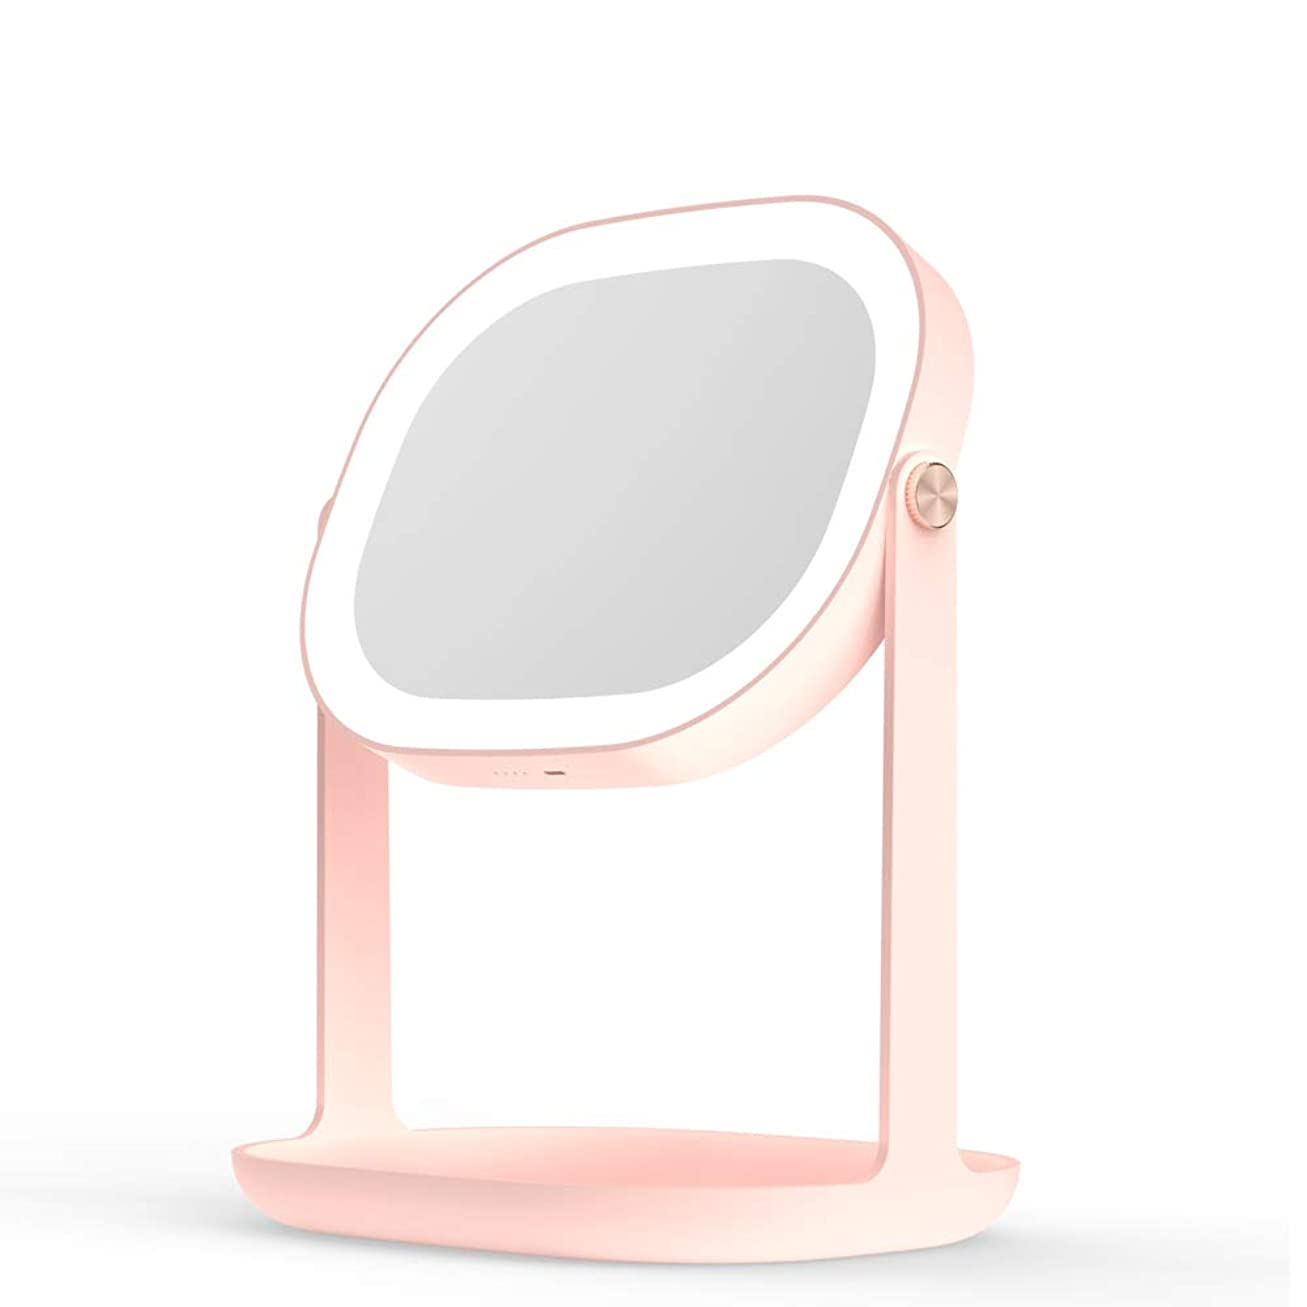 レンダリング病院否認する化粧鏡 LEDライトと化粧品収納ボックス付き 明るさ調節可能 高品質ガラス360°回転 48時間使用できる 、壁にDIY掛けるベルトも付き